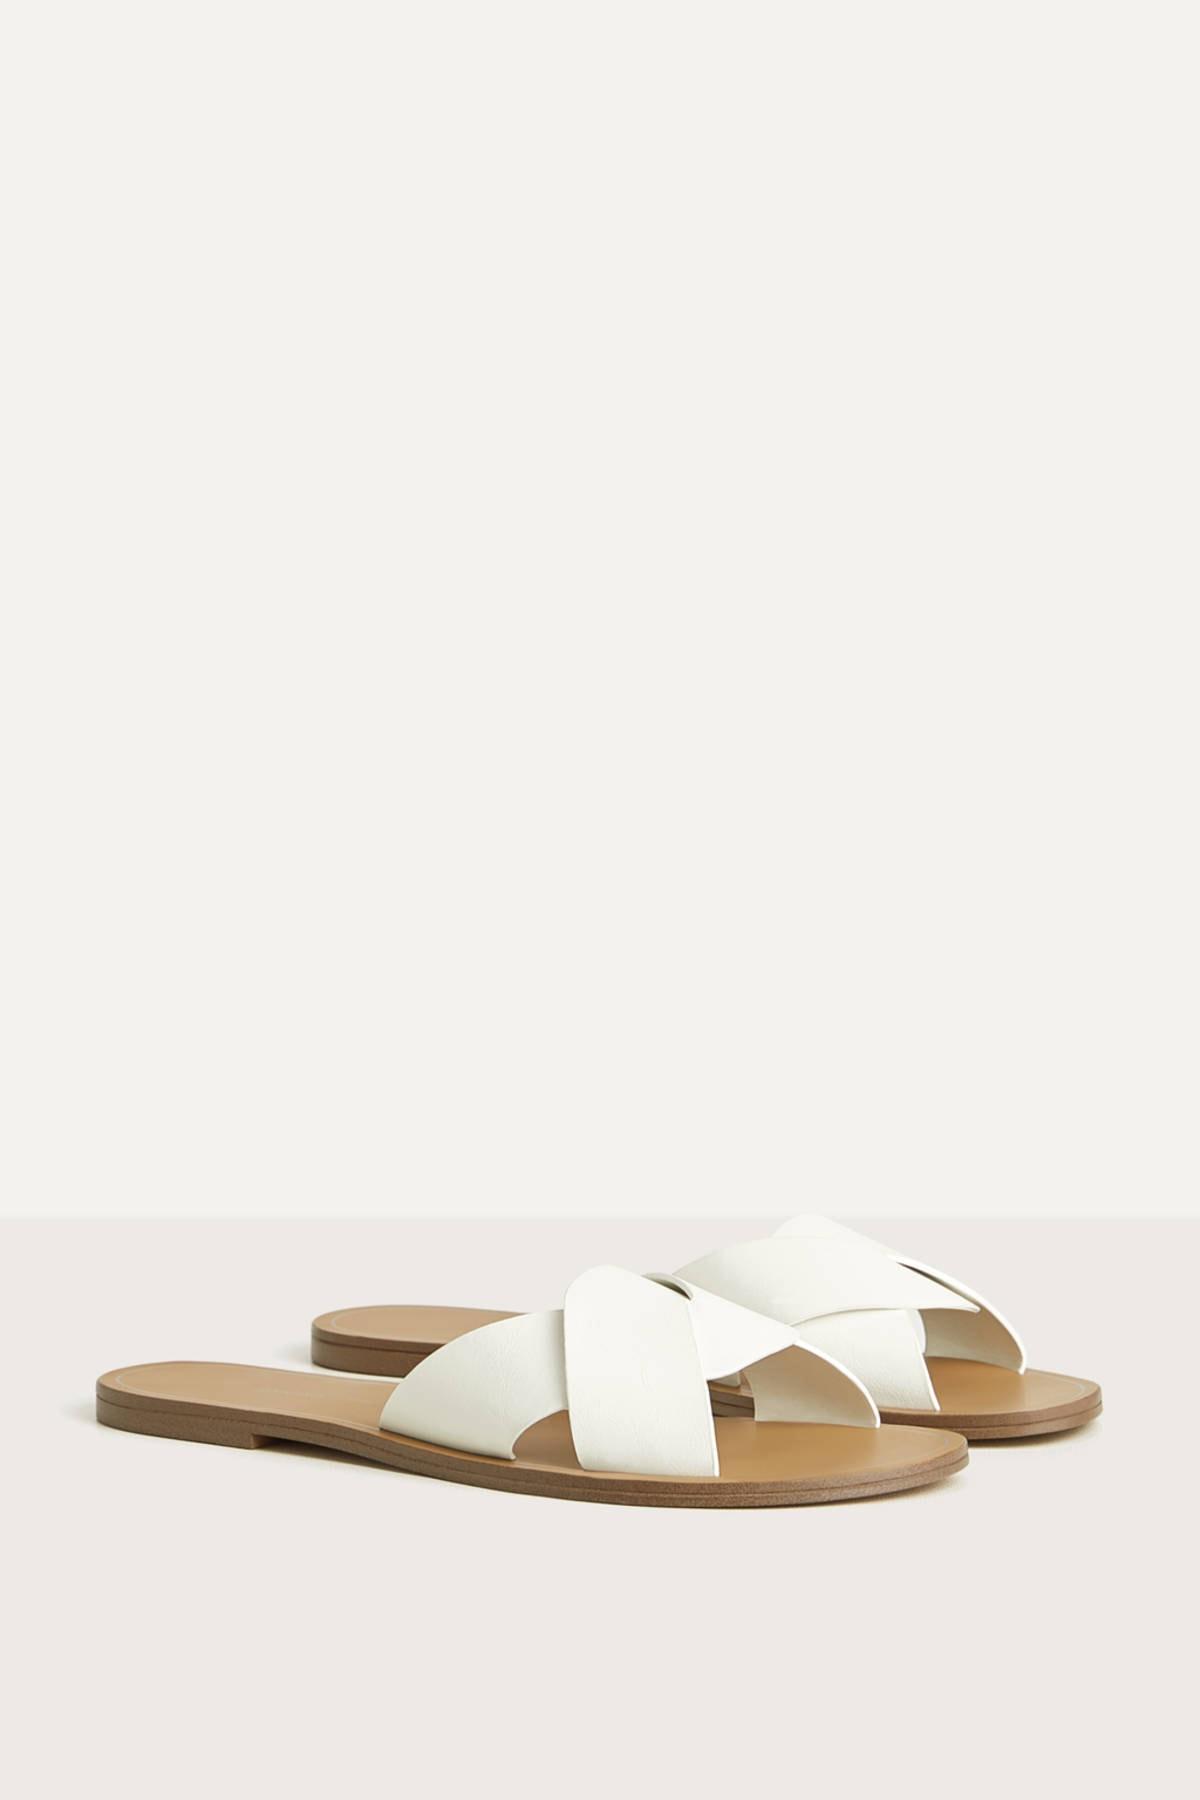 Bershka Kadın Beyaz Çapraz Bantlı Düz Sandalet 11800561 3